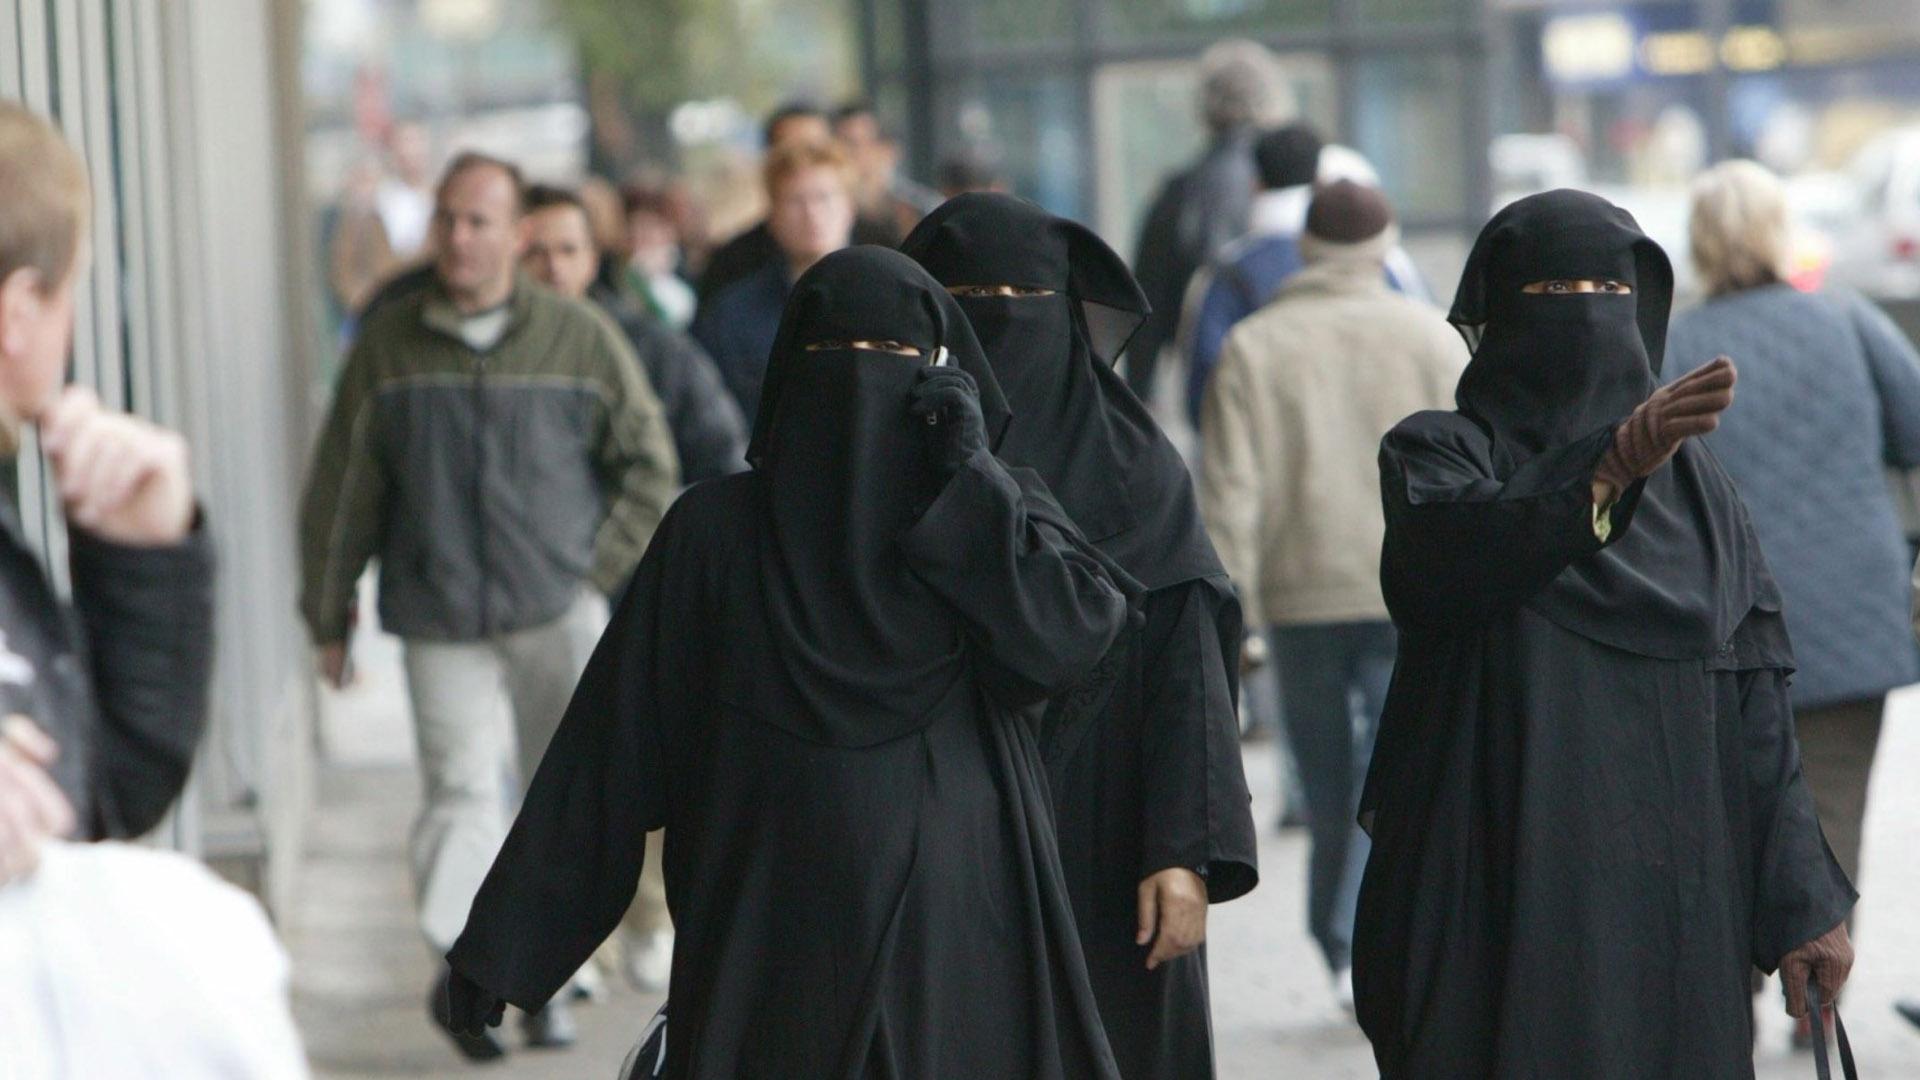 El Parlamento aprobó una ley que impide a las mujeres llevar en espacios públicos prendas que cubran por completo el rostro